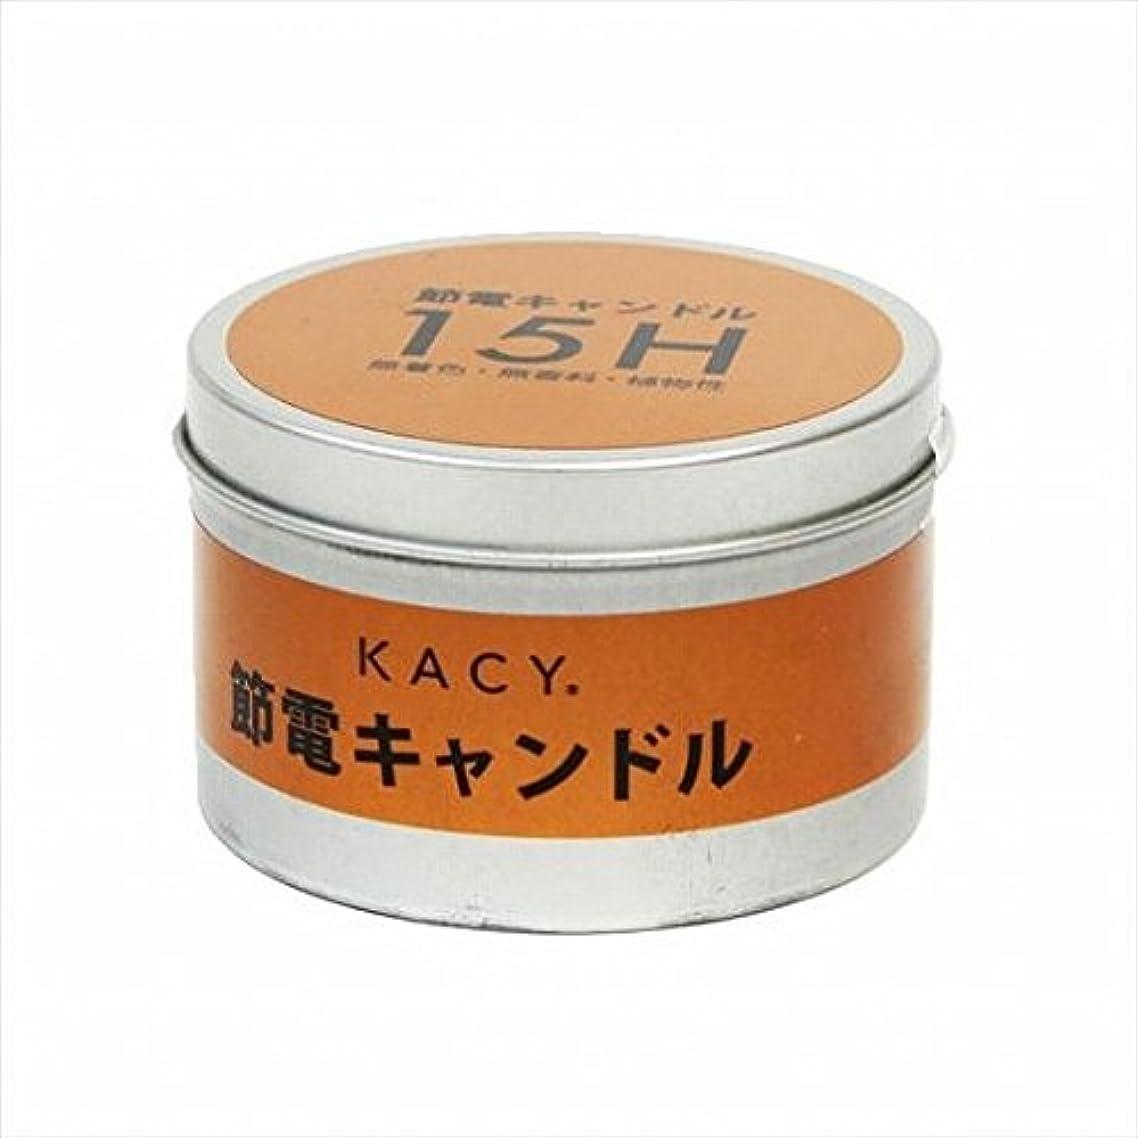 ボックスカッター軍団kameyama candle(カメヤマキャンドル) 節電缶キャンドル15時間タイプ キャンドル 80x80x48mm (A9620000)